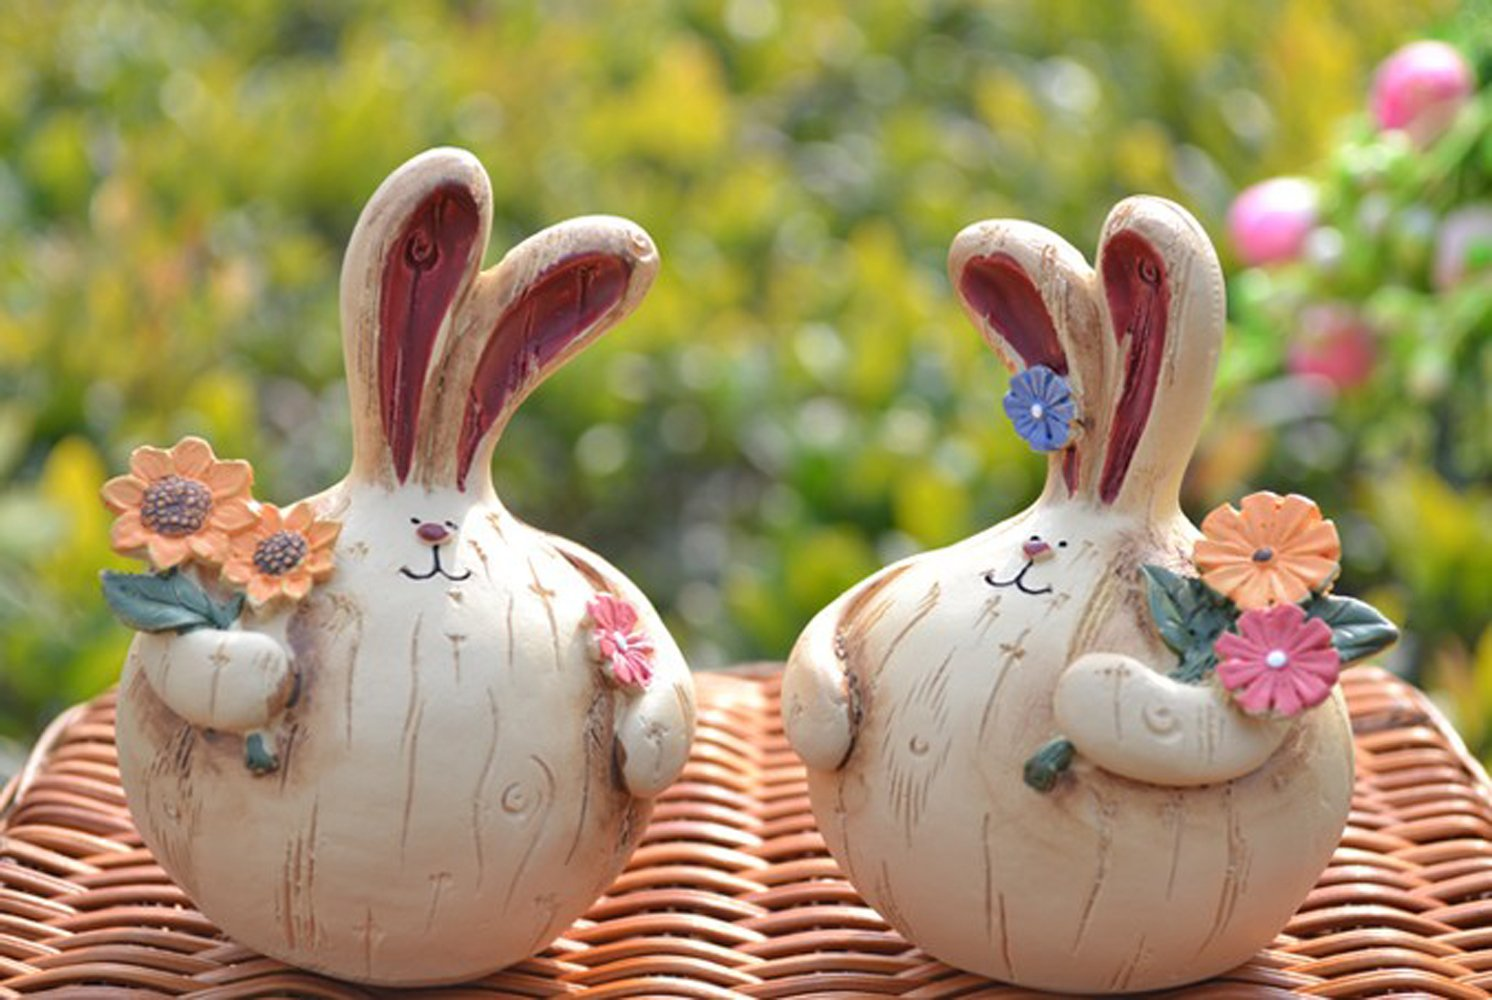 树脂大蒜头 胖胖兔公仔 情侣创意生日礼品摆件 伴侣孩子(胖胖嘟嘟一对